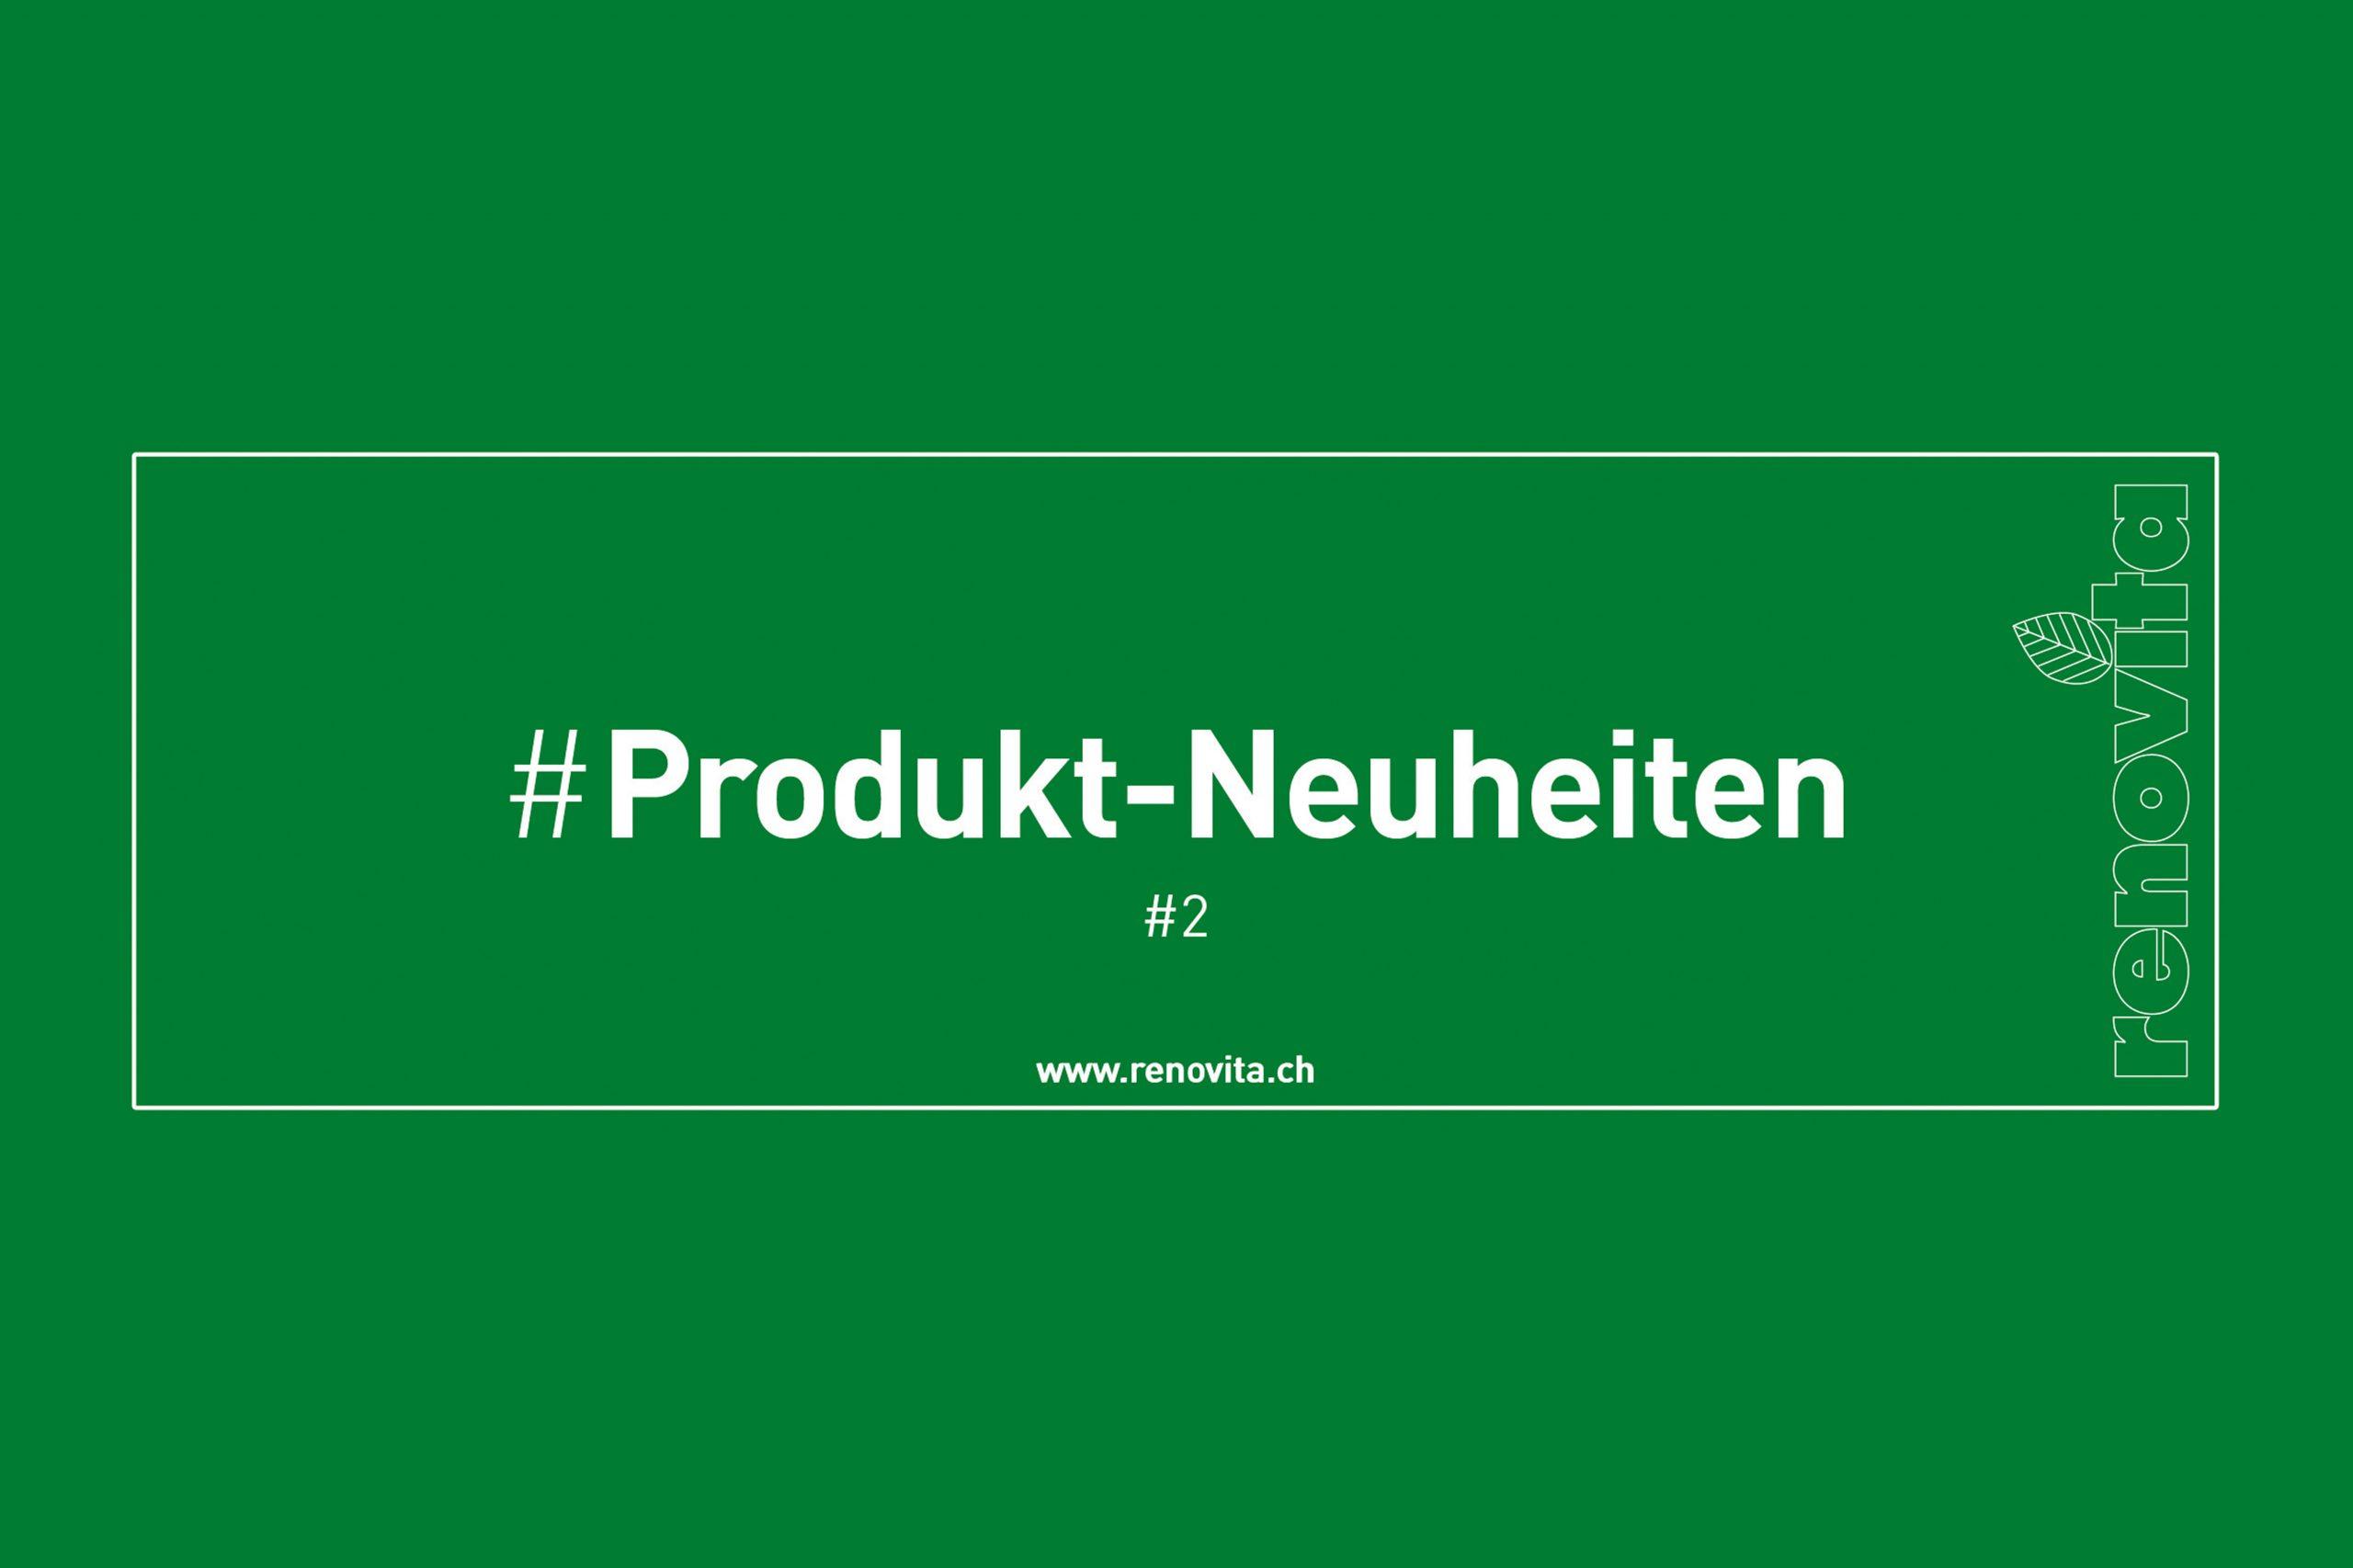 Produktneuheiten #2